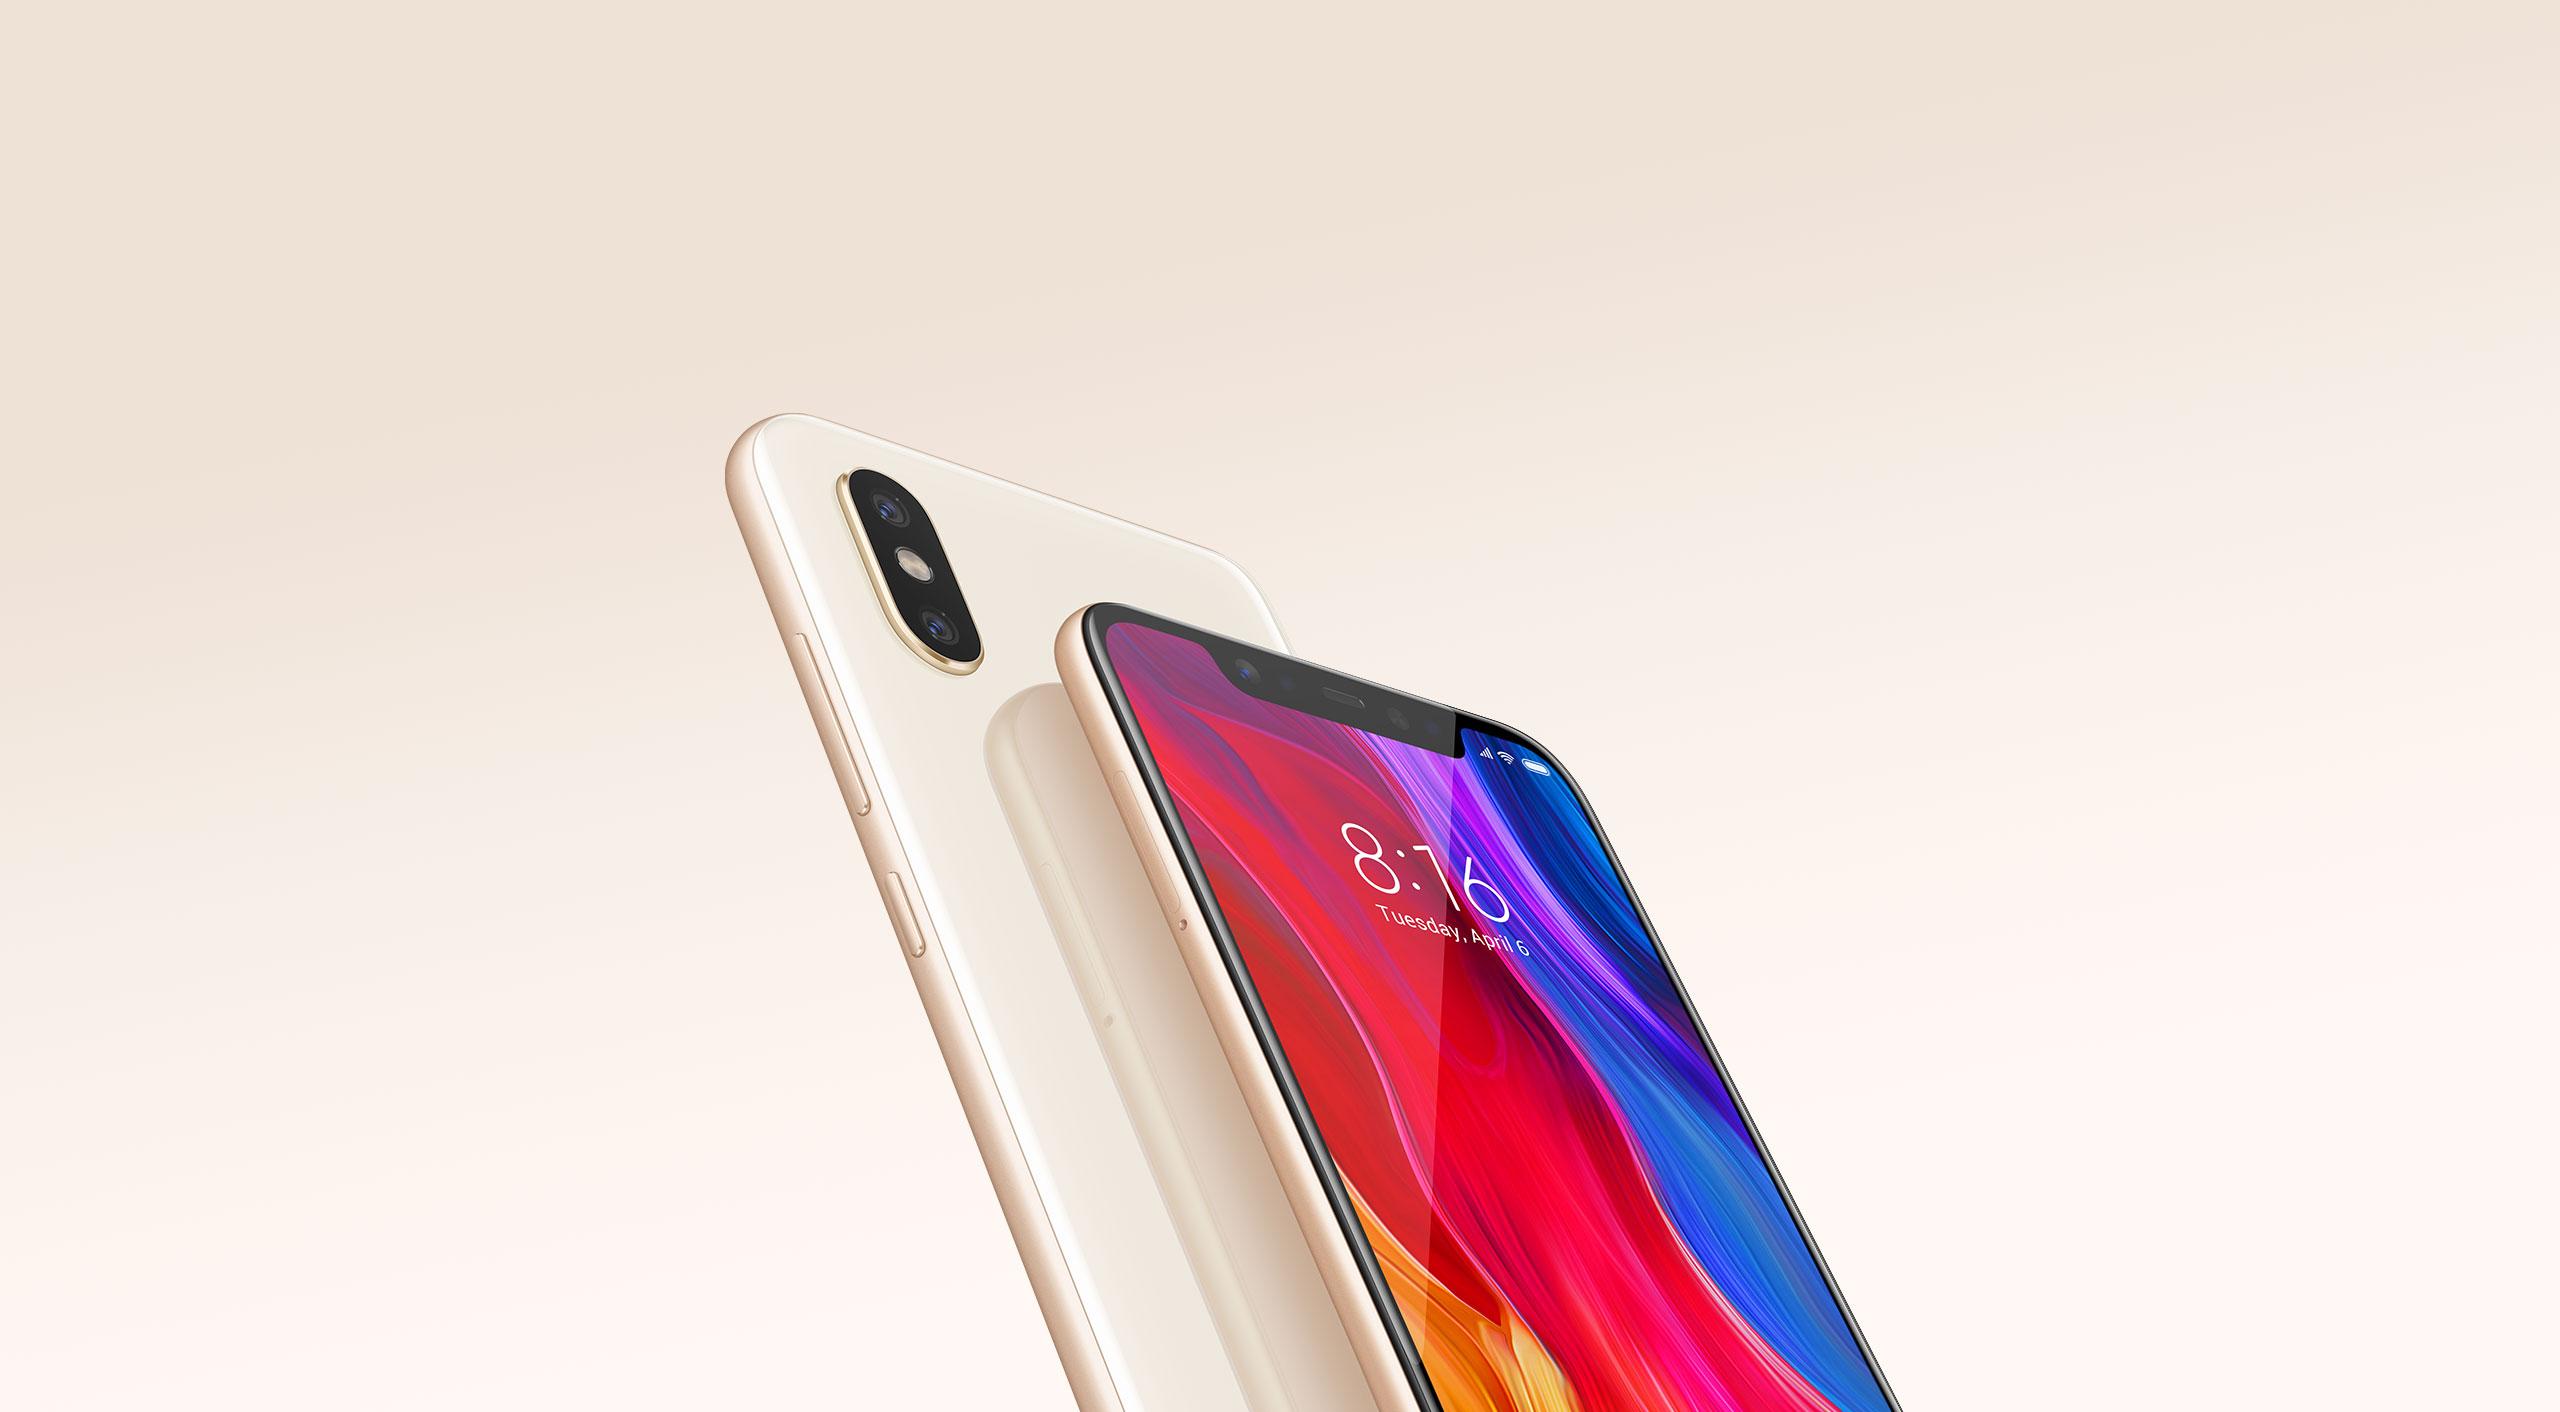 Mi Global Home Xiaomi Redmi Note 4g Dual Sim Putih 8